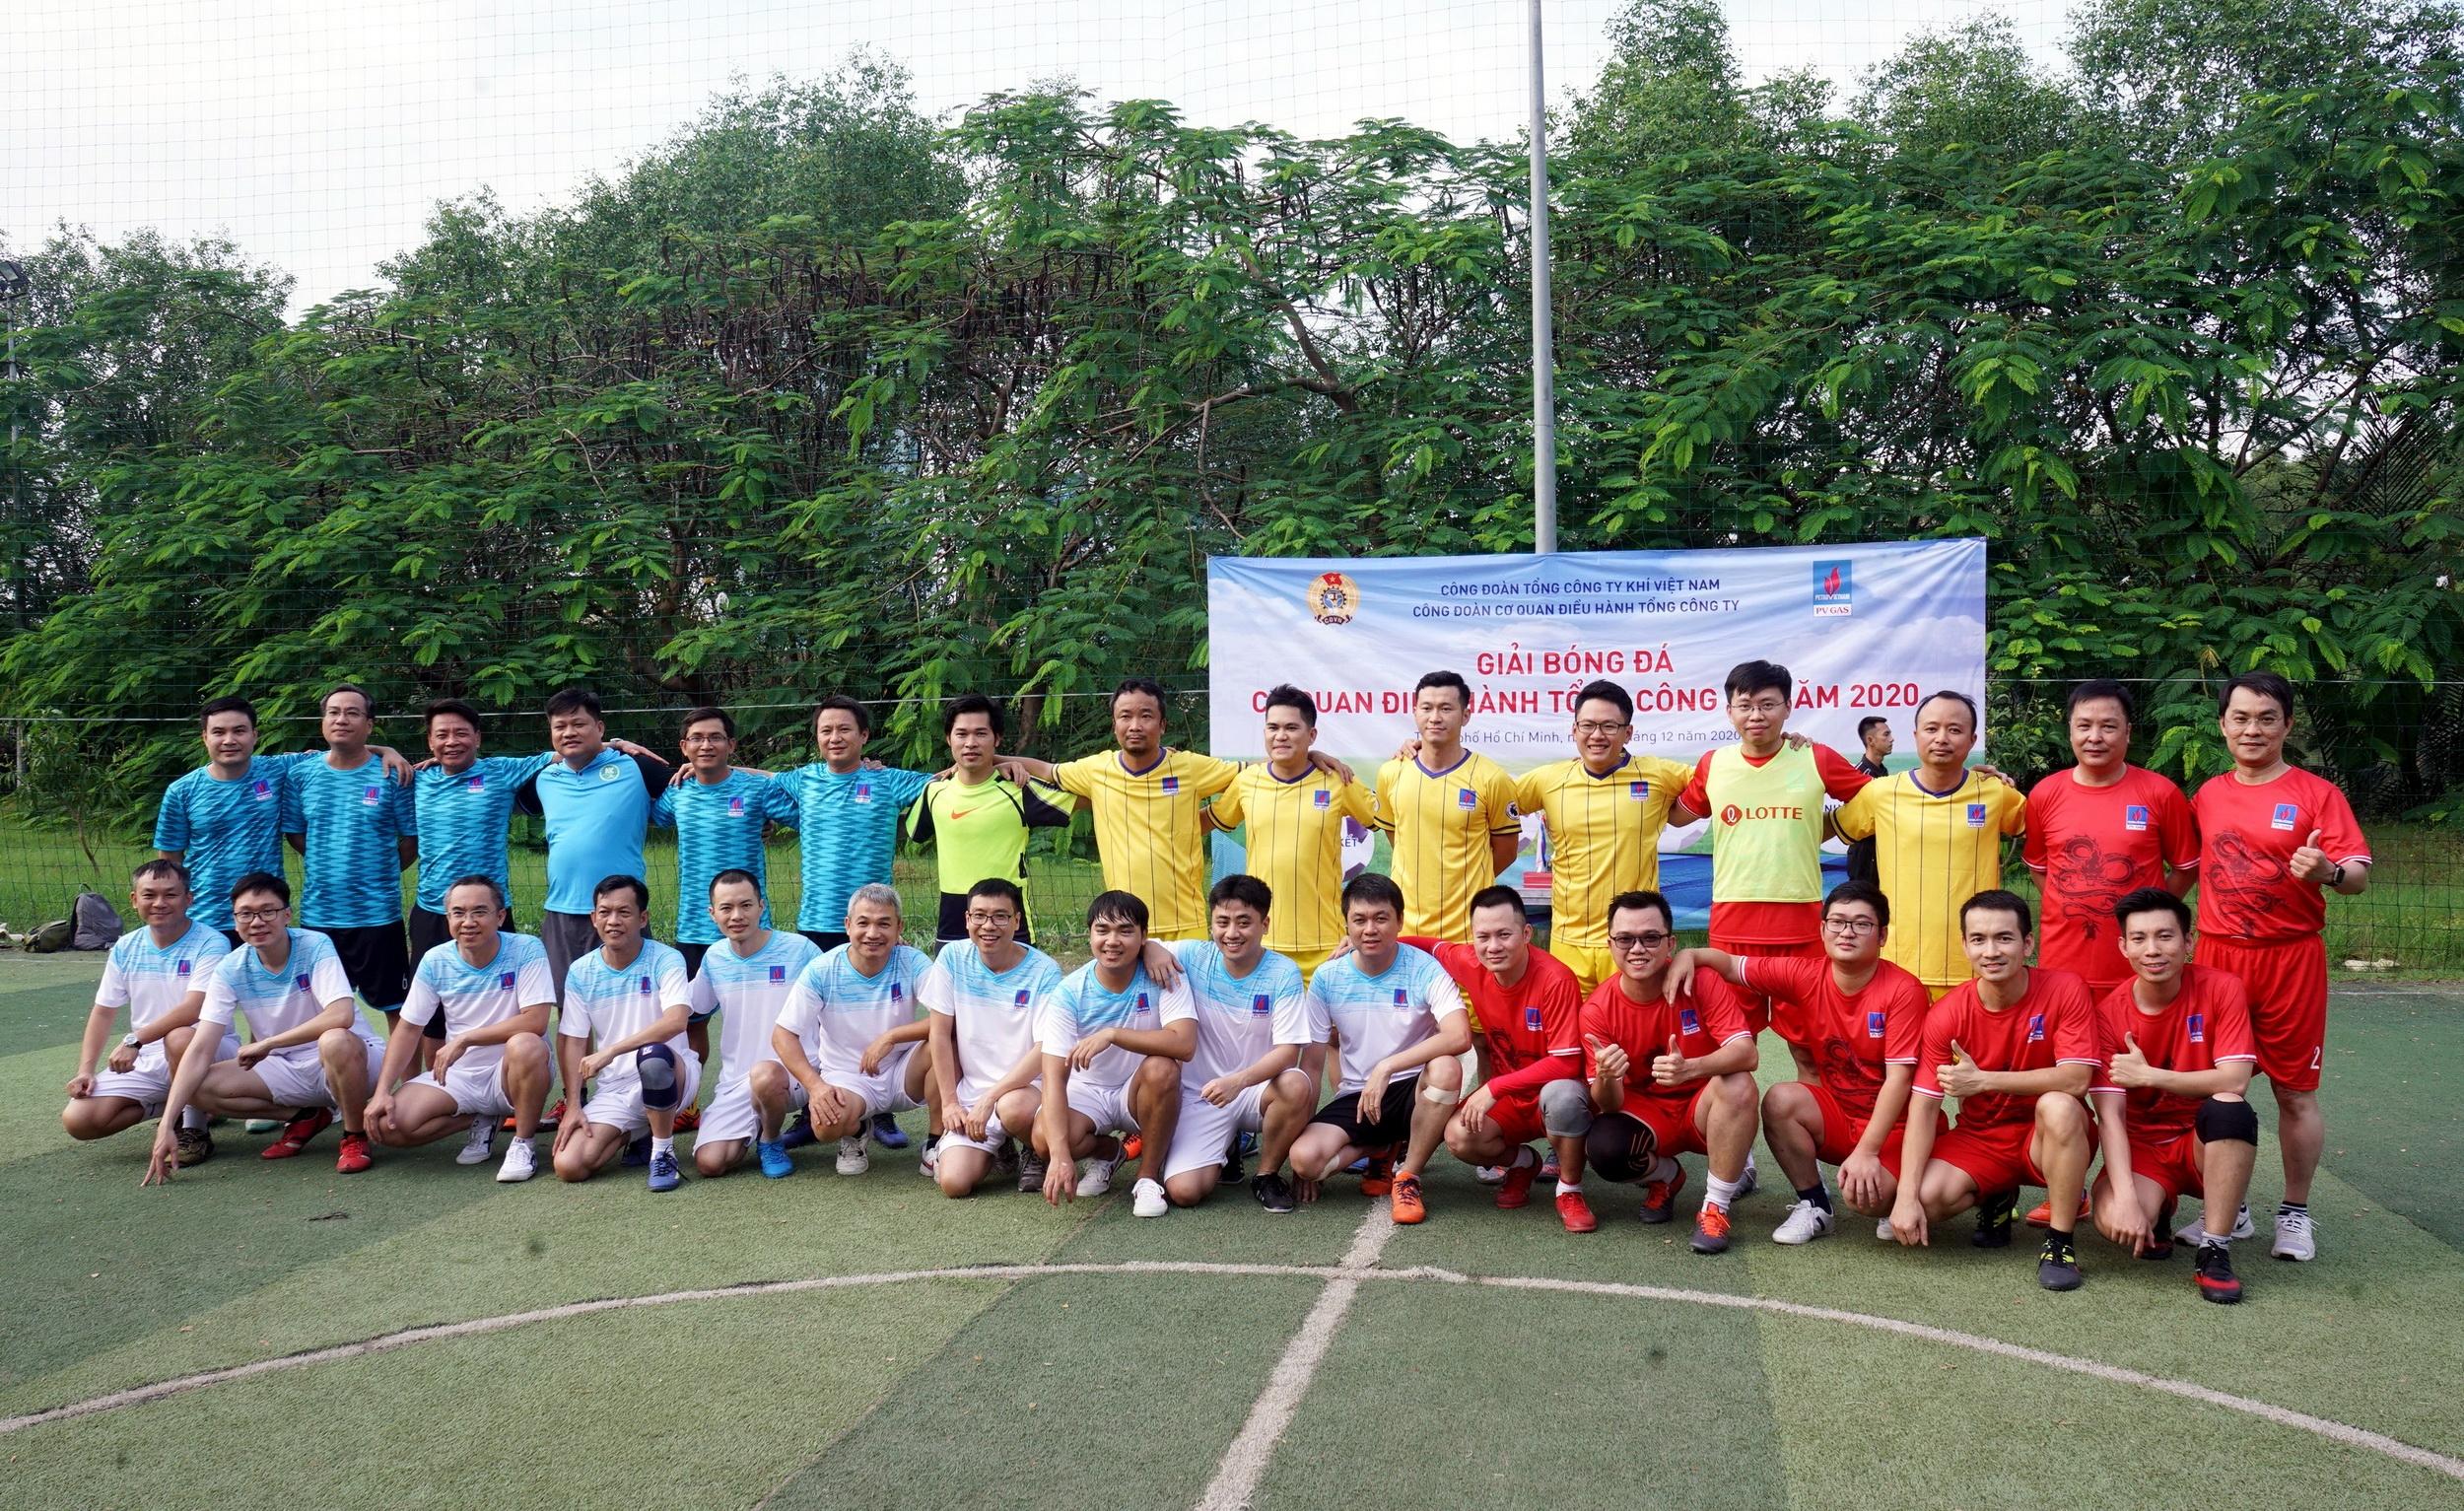 Các đội tuyển tham gia giải đấu